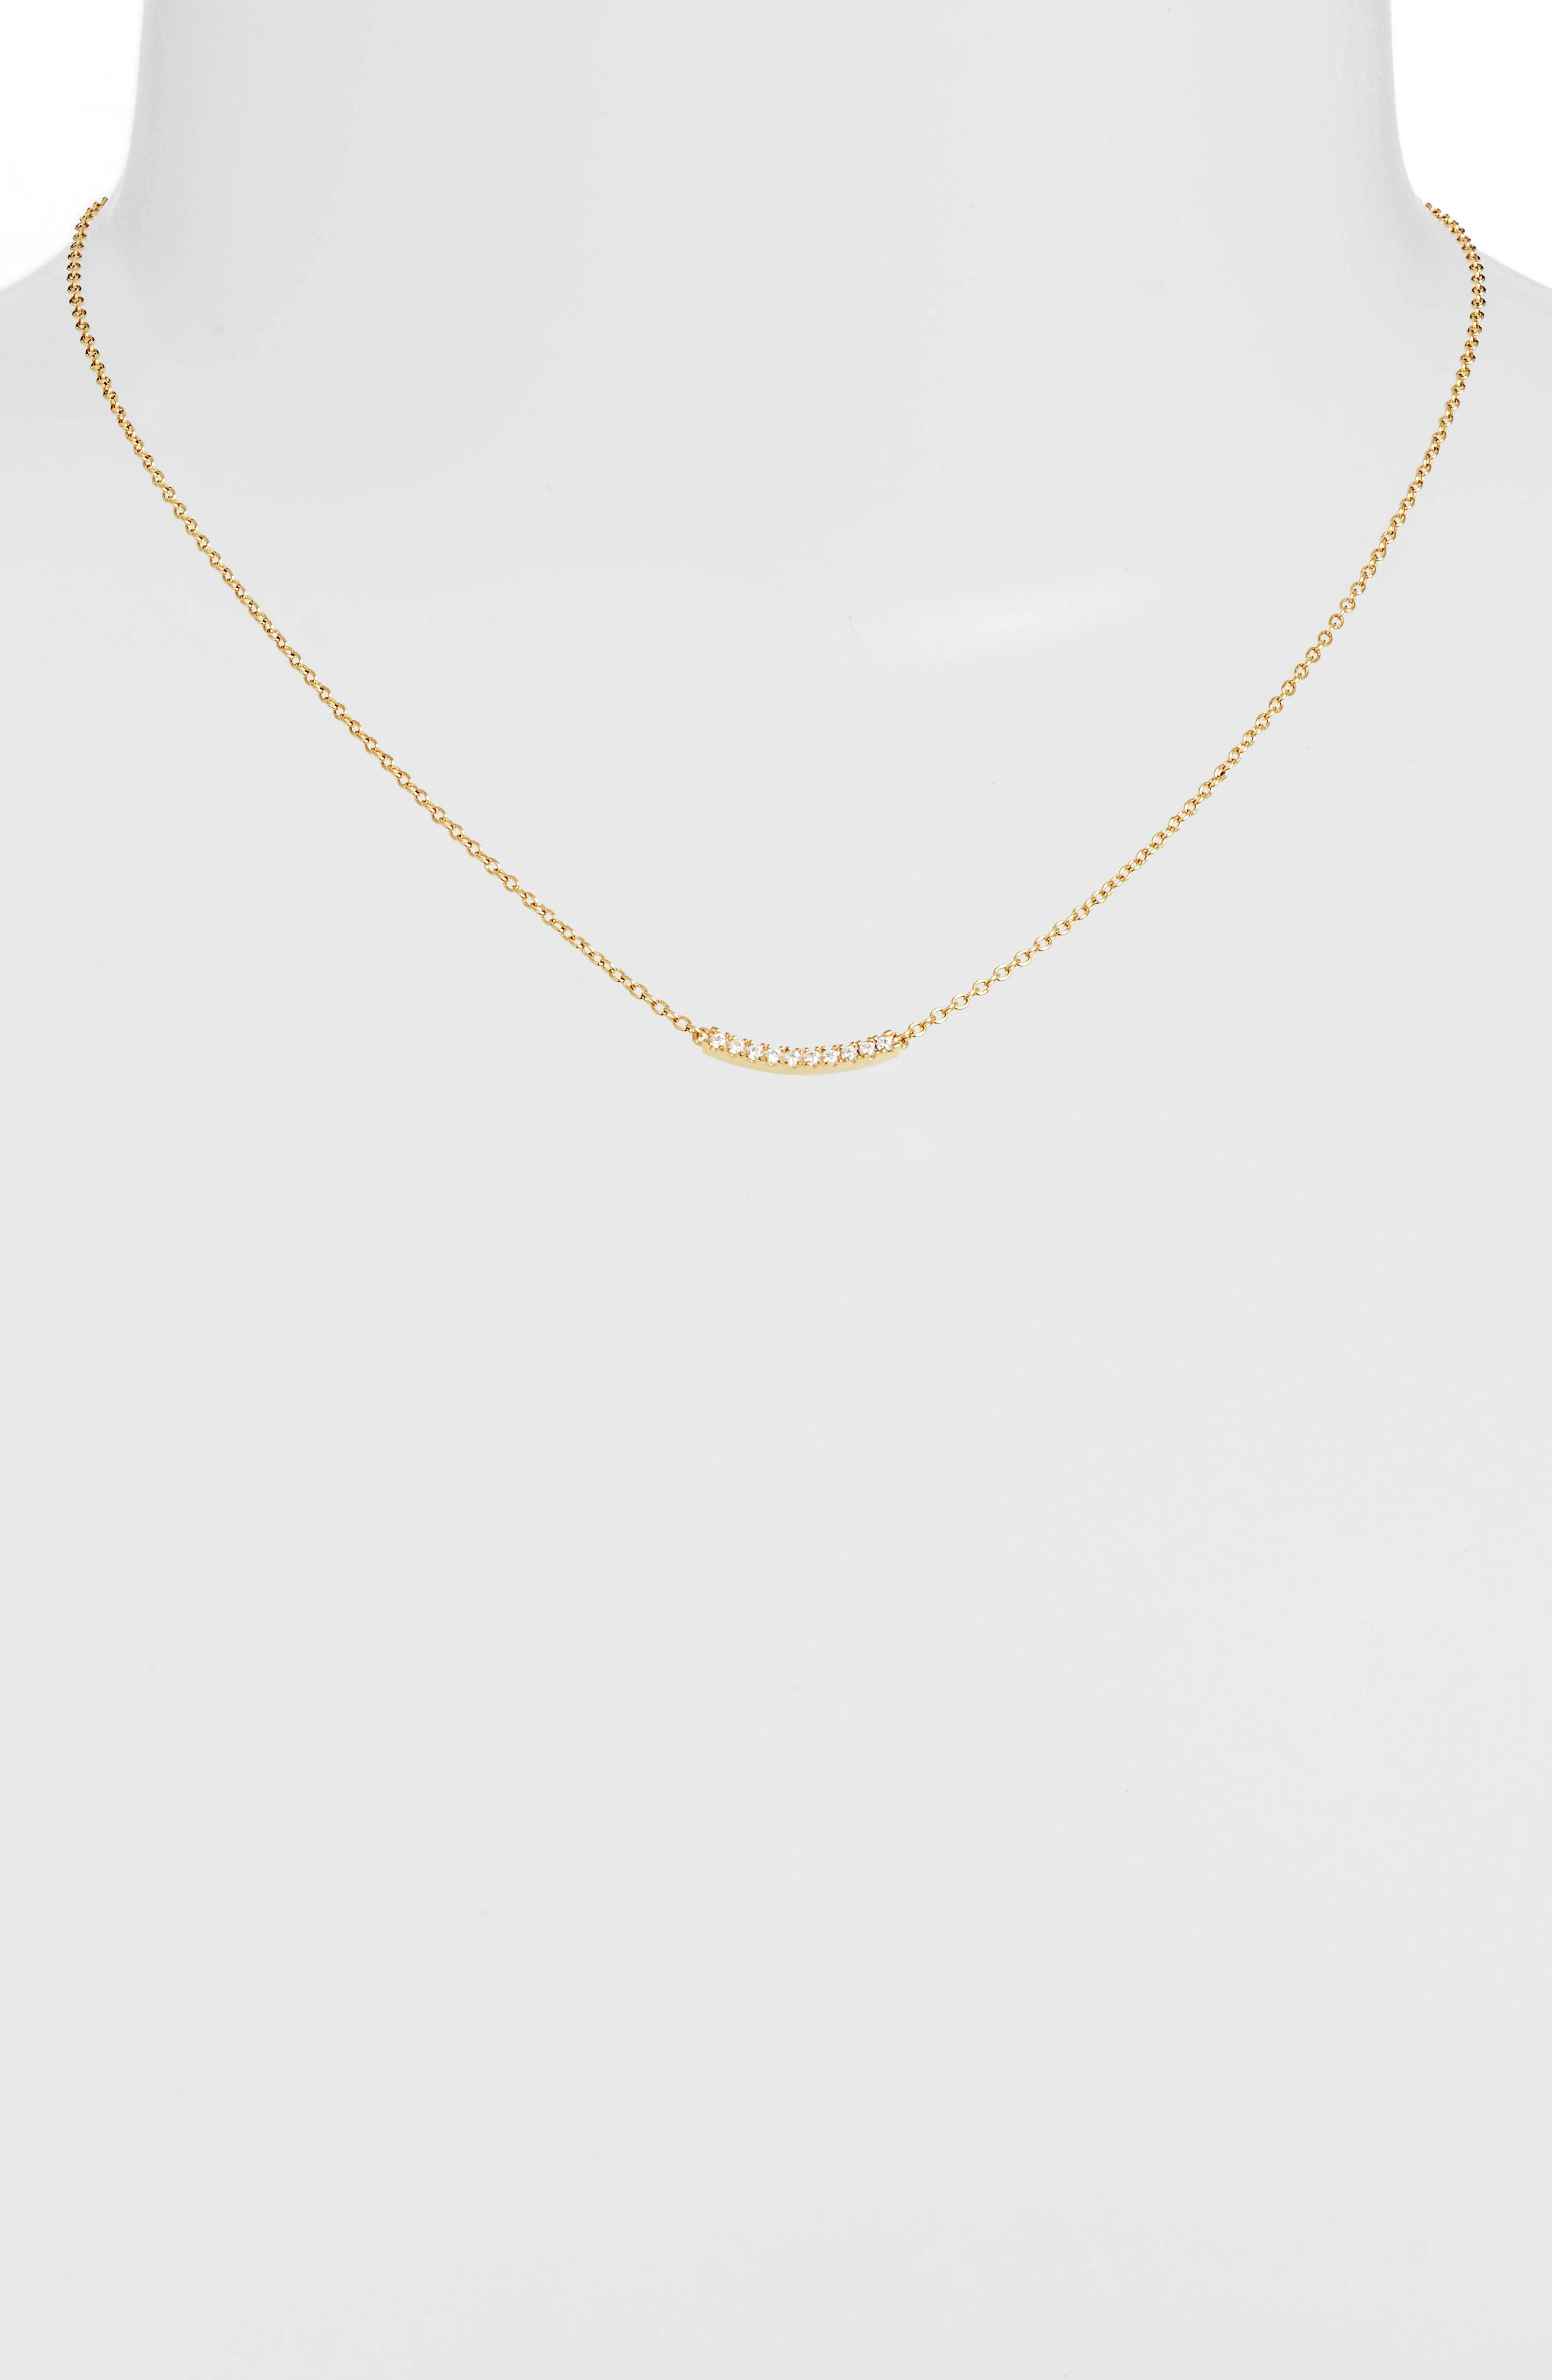 Pavé Curved Bar Pendant Necklace,                             Alternate thumbnail 4, color,